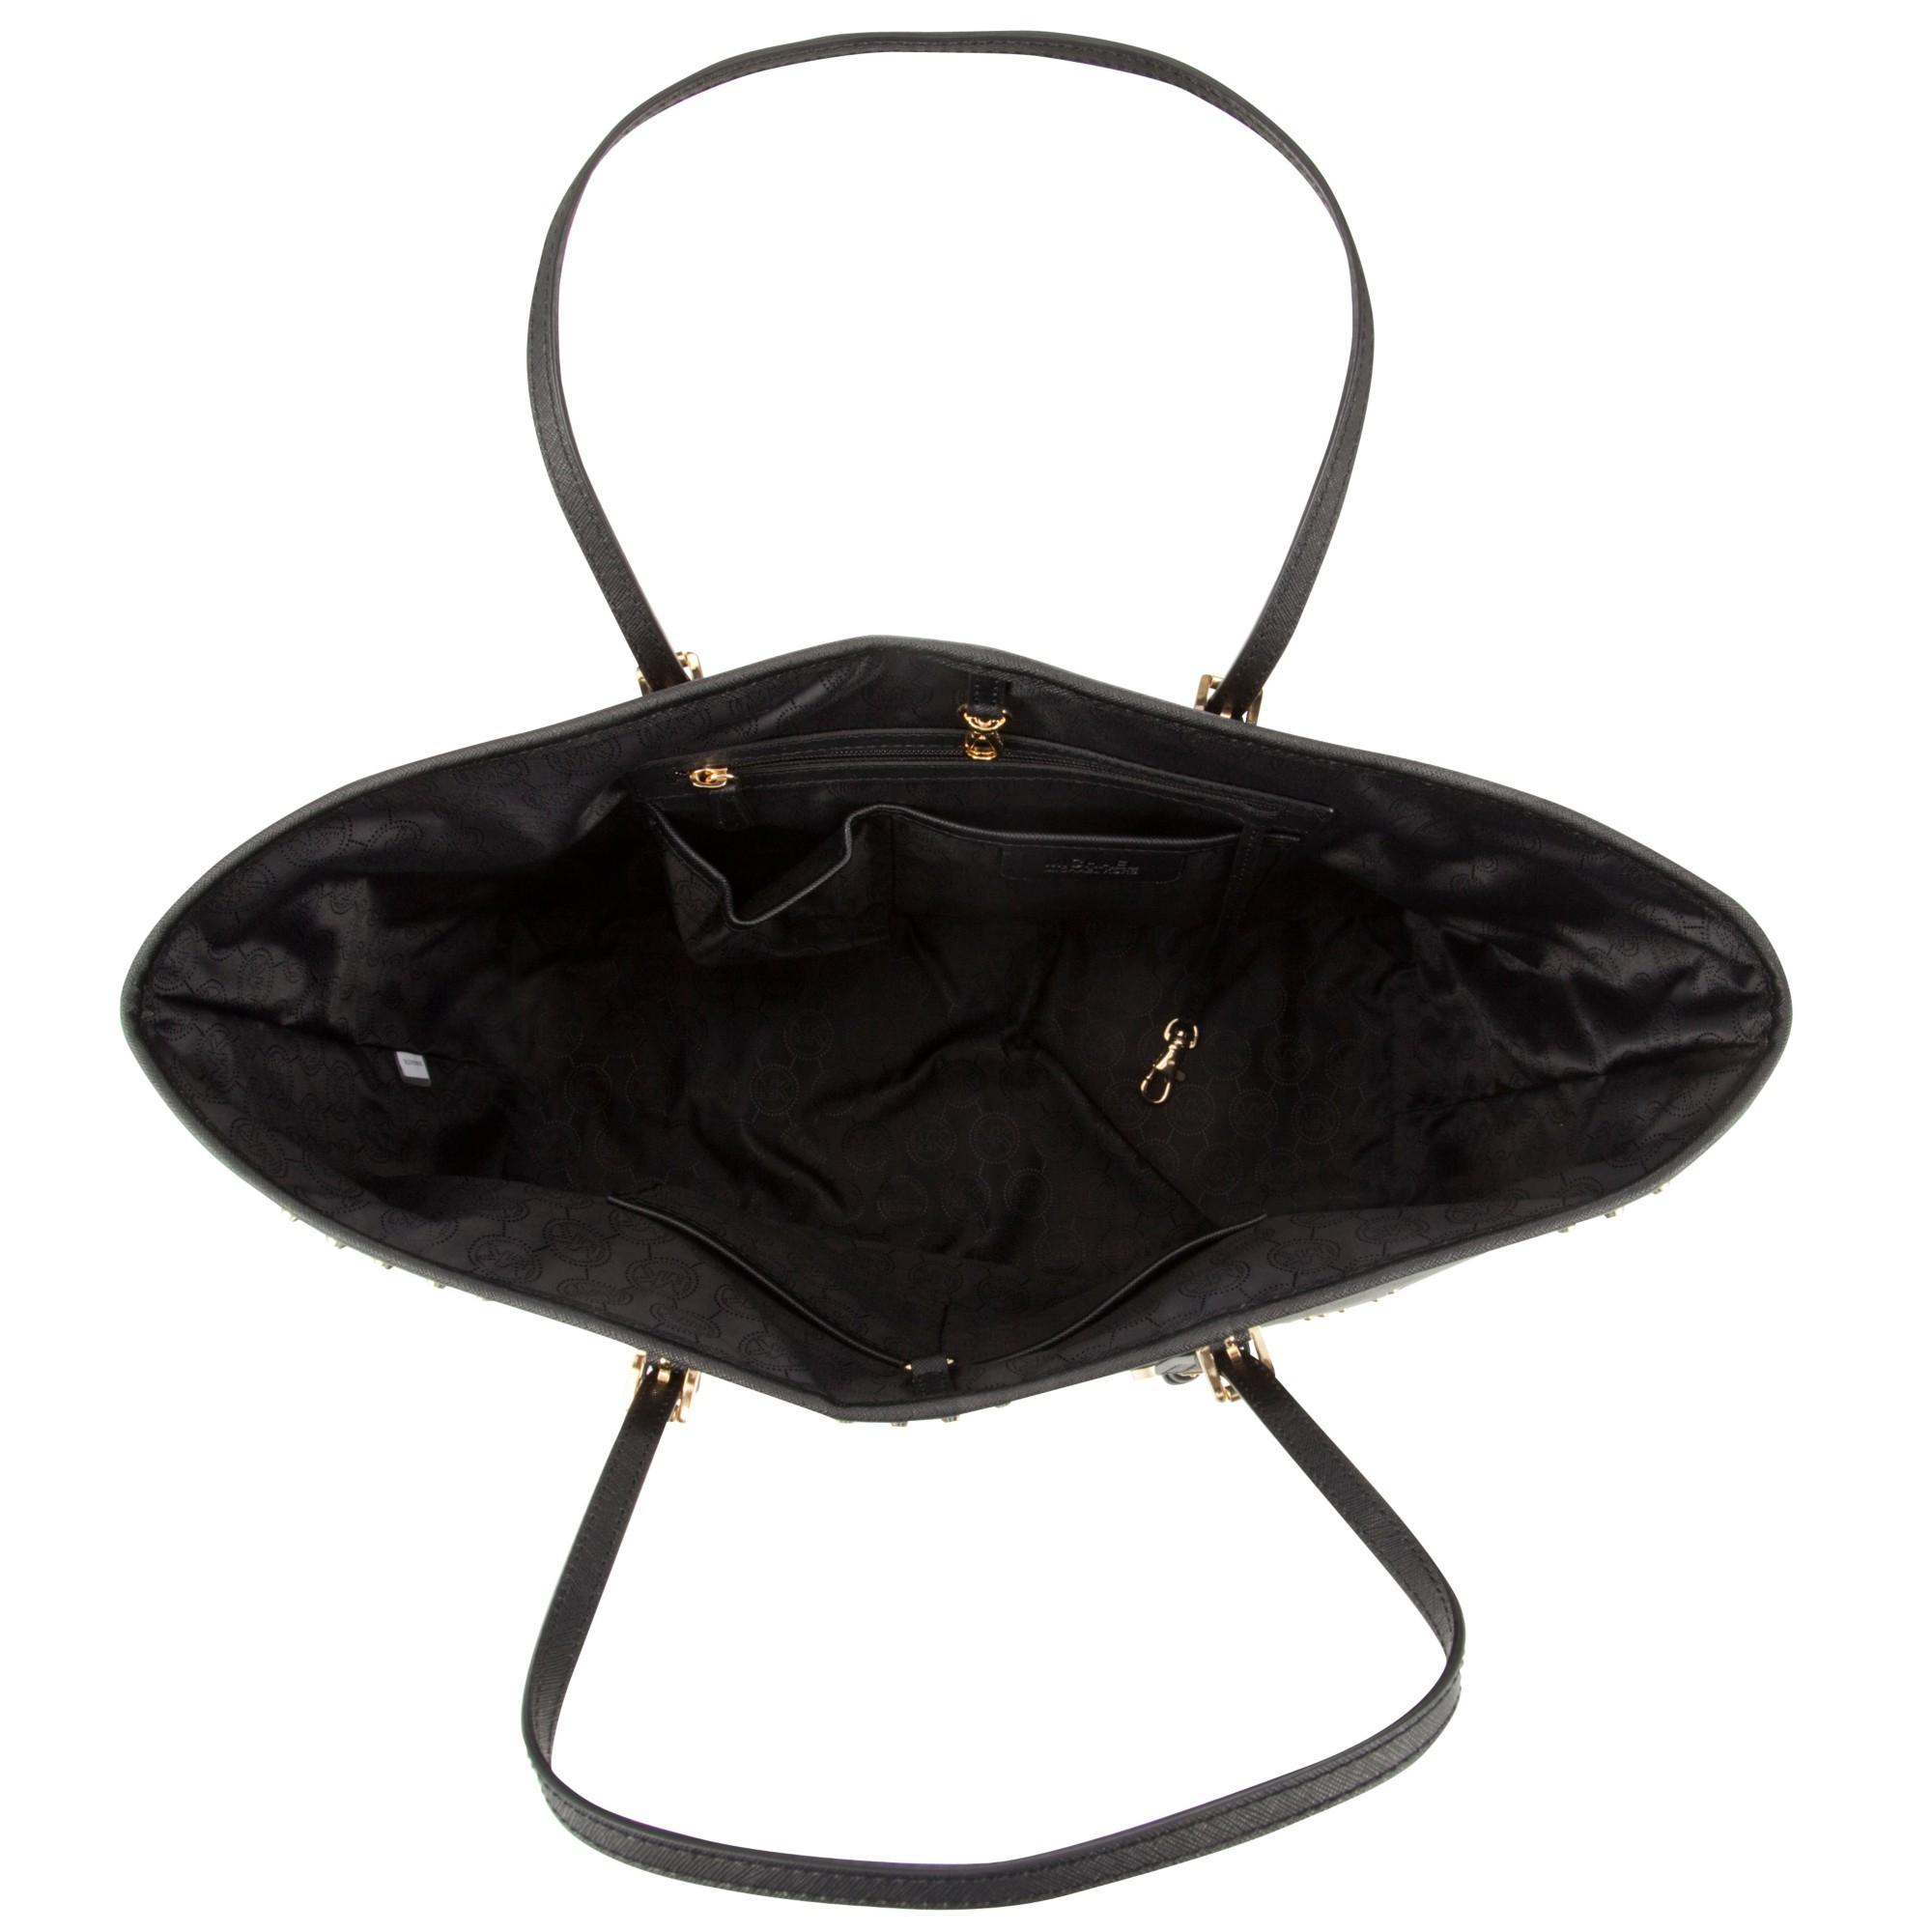 Michael Kors Michael Medium Jet Set Stud Travel Tote Bag in Black